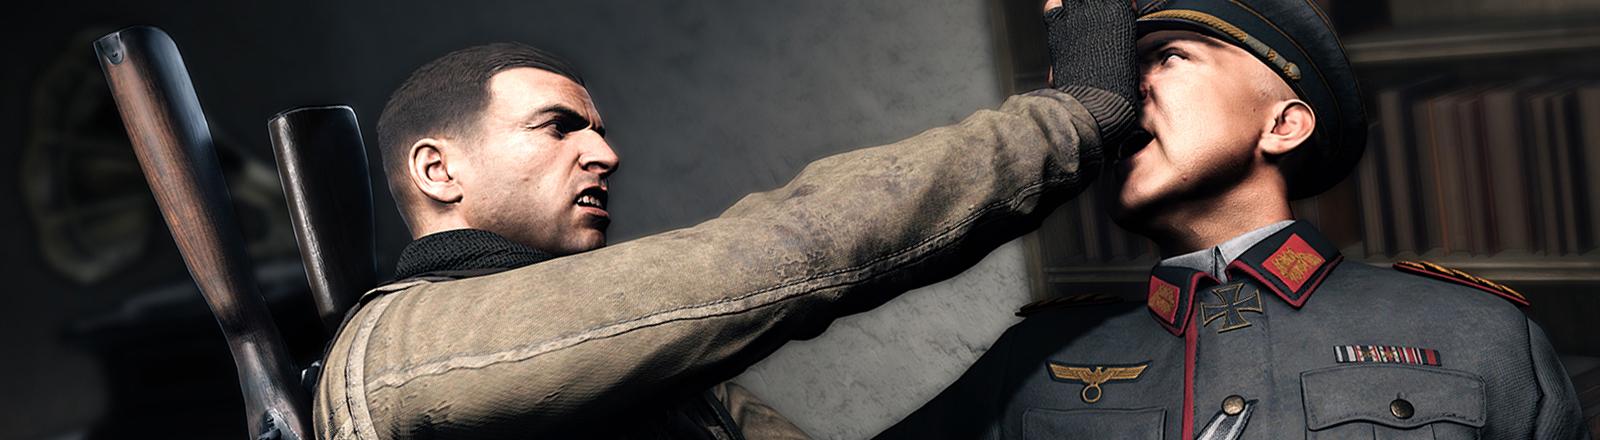 Eine Szene aus dem Computerspiel Sniper Elite 4.